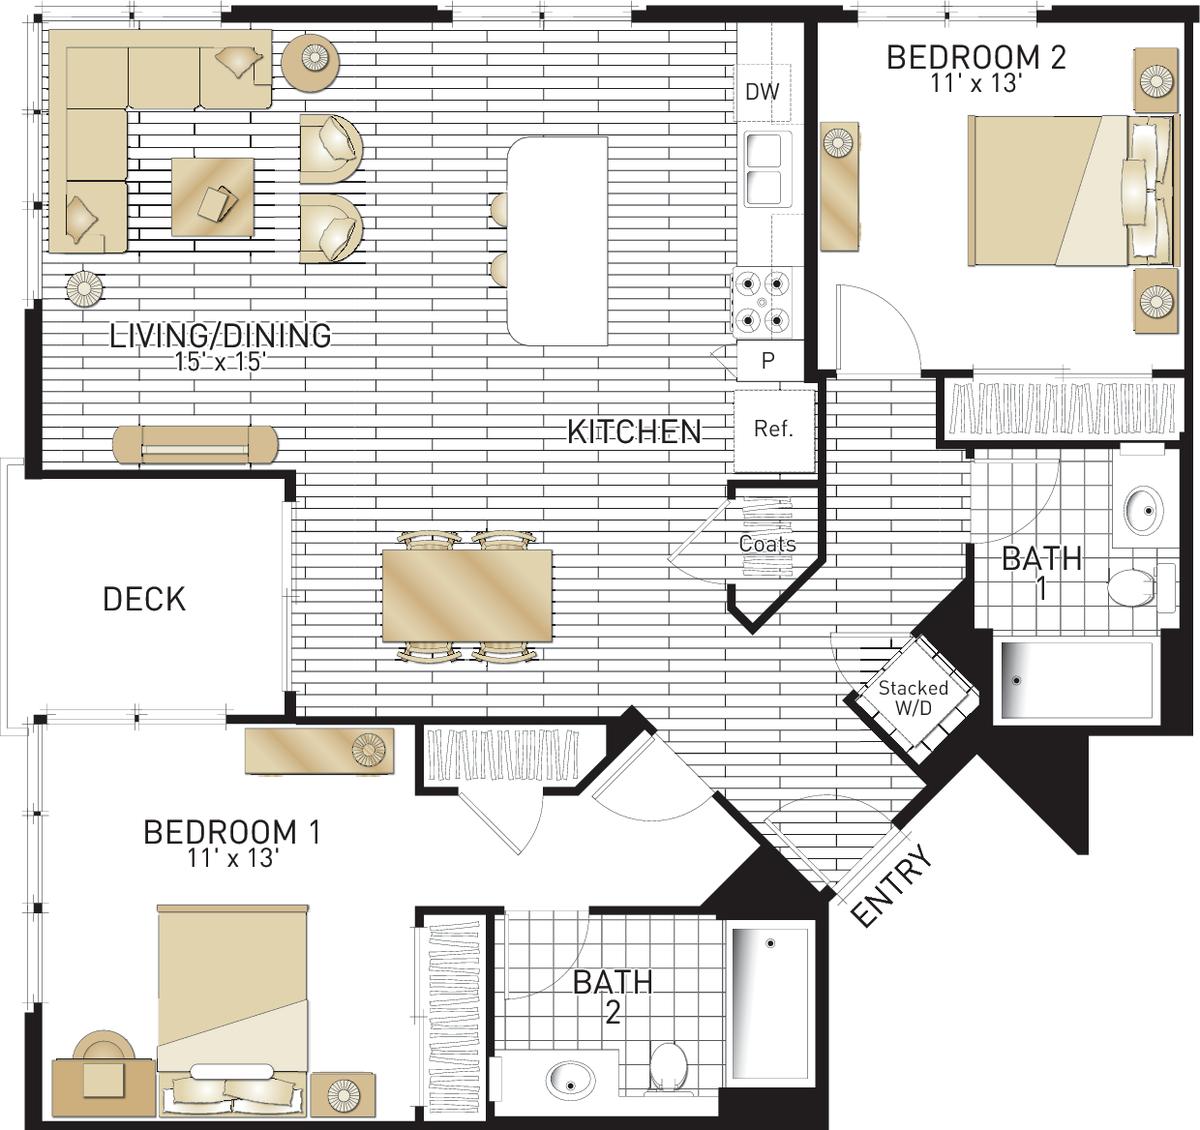 Park Place Apartments For Rent Irvine Company Apartments Irvine Company Apartments Apartments For Rent Apartment